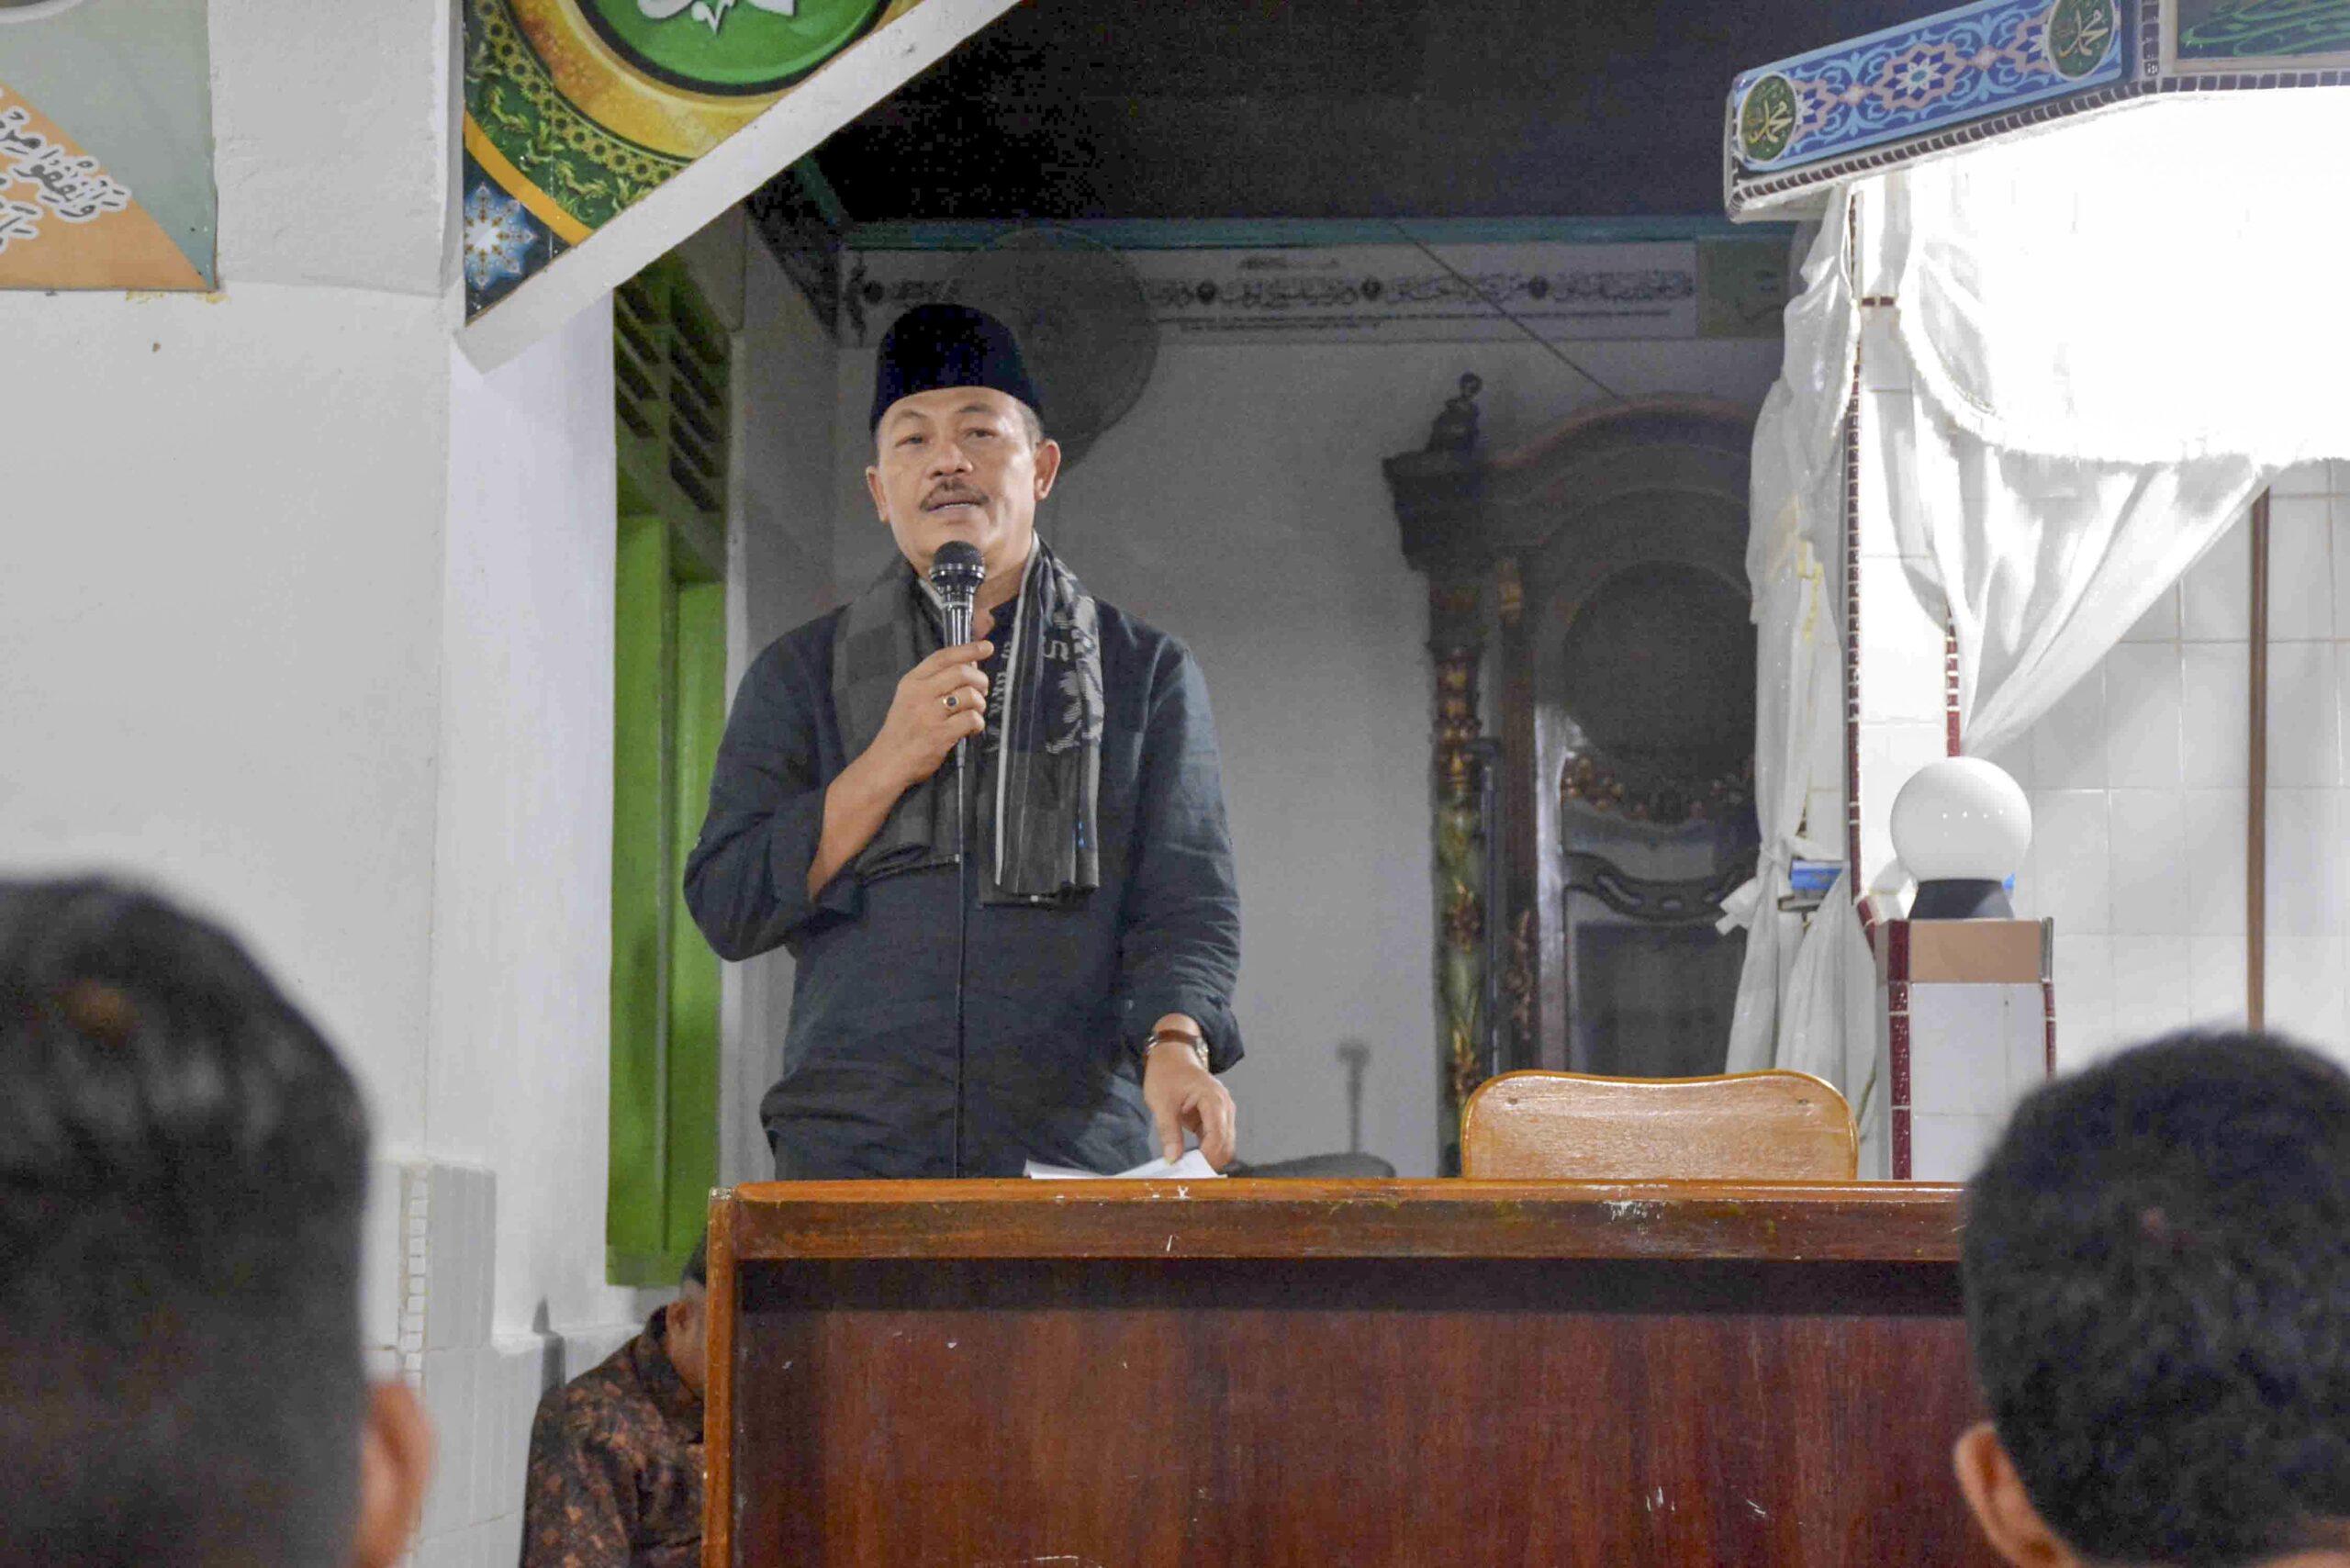 Wakil Bupati Tanah Datar, Sumtera Barat (Sumbar) Zuldafri Darma saat Safari Ramadan 1439 H, di Masjid Nurul Huda, Taluk, Kecamatan Lintau Buo, Kabupaten Tanah Datar, Sumatera Barat. Photo : Rehan